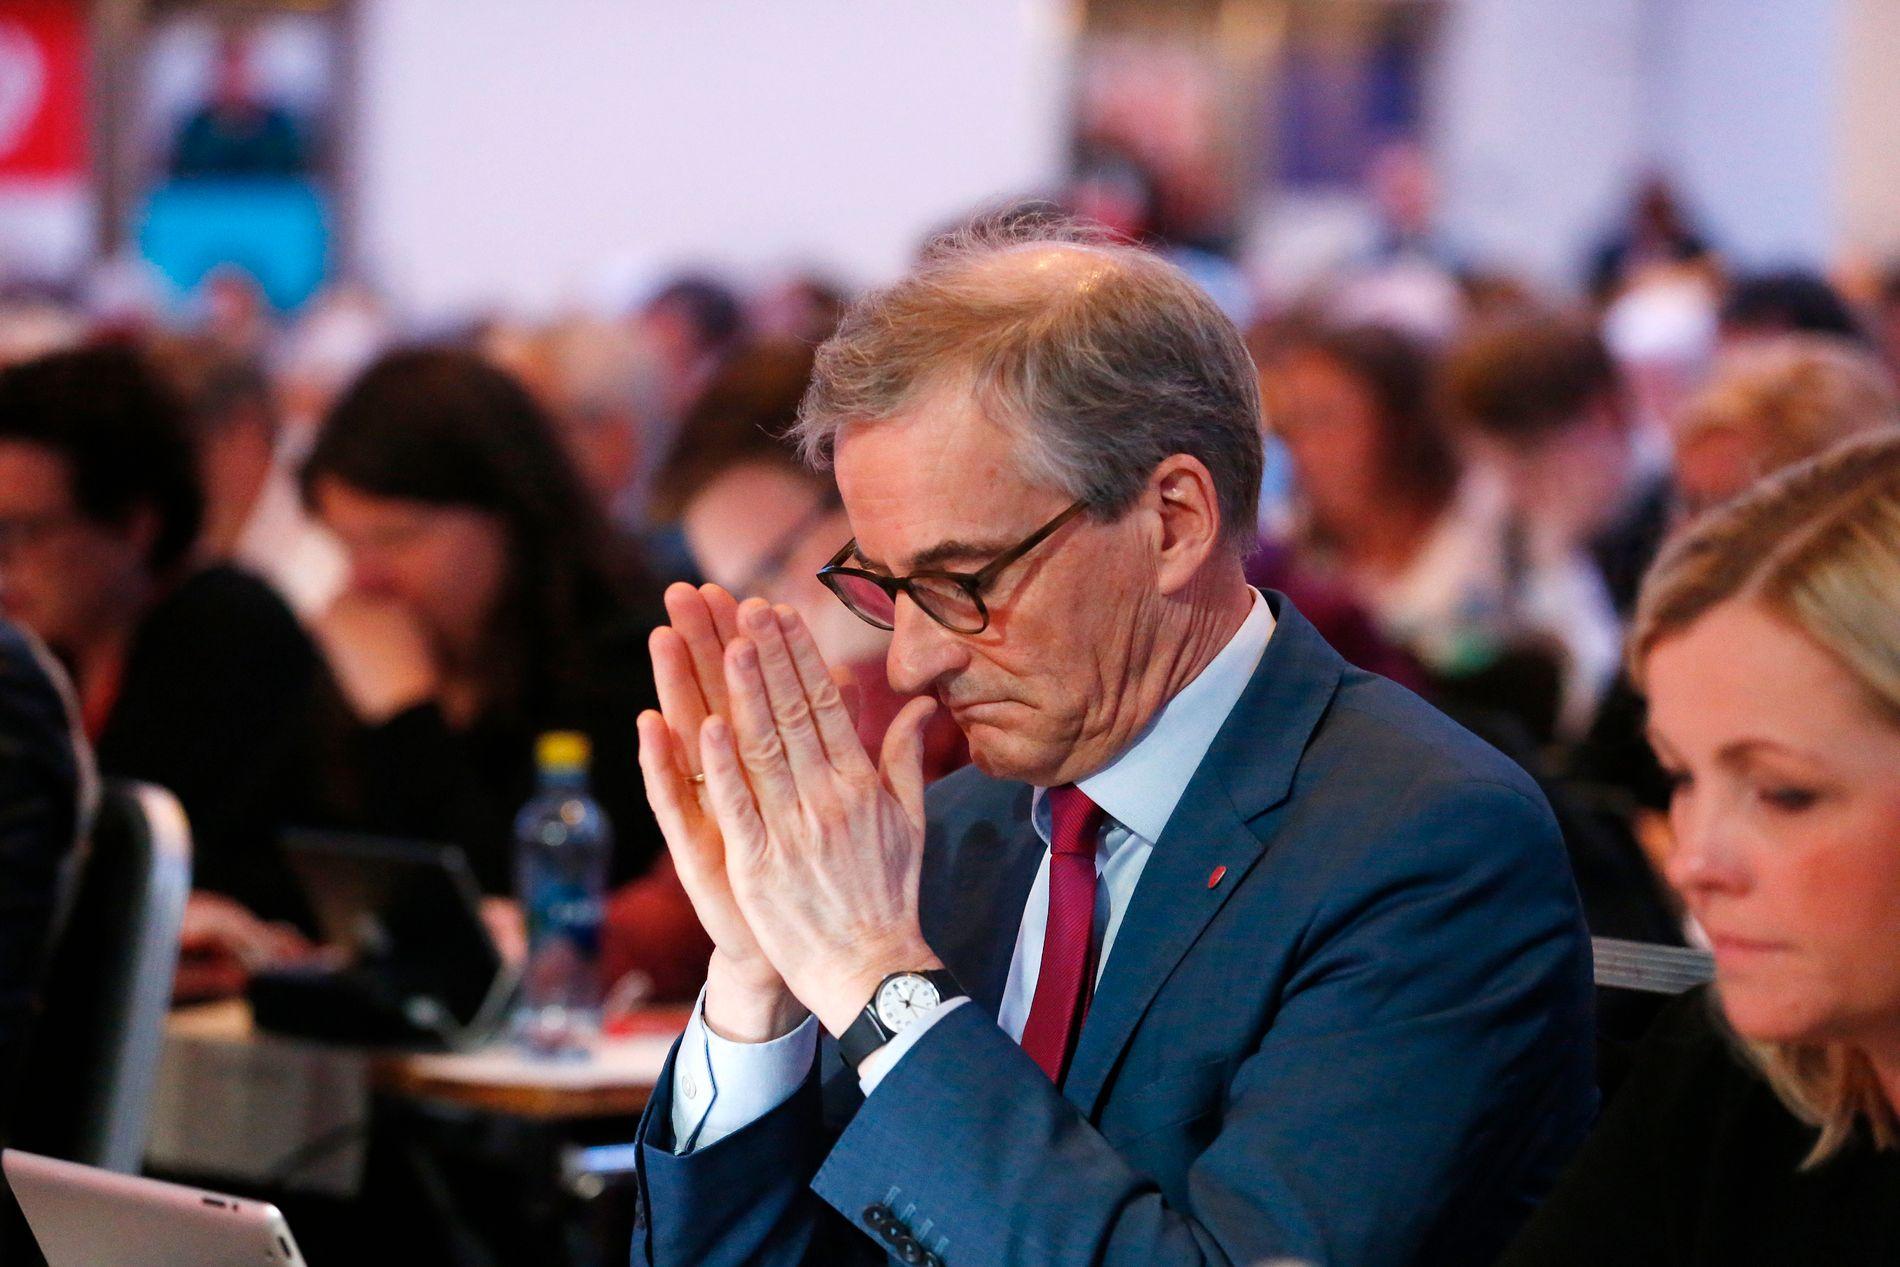 TAPTE: Ap-leder Jonas Gahr Støre tapte kampen om partiets oljepolitikk